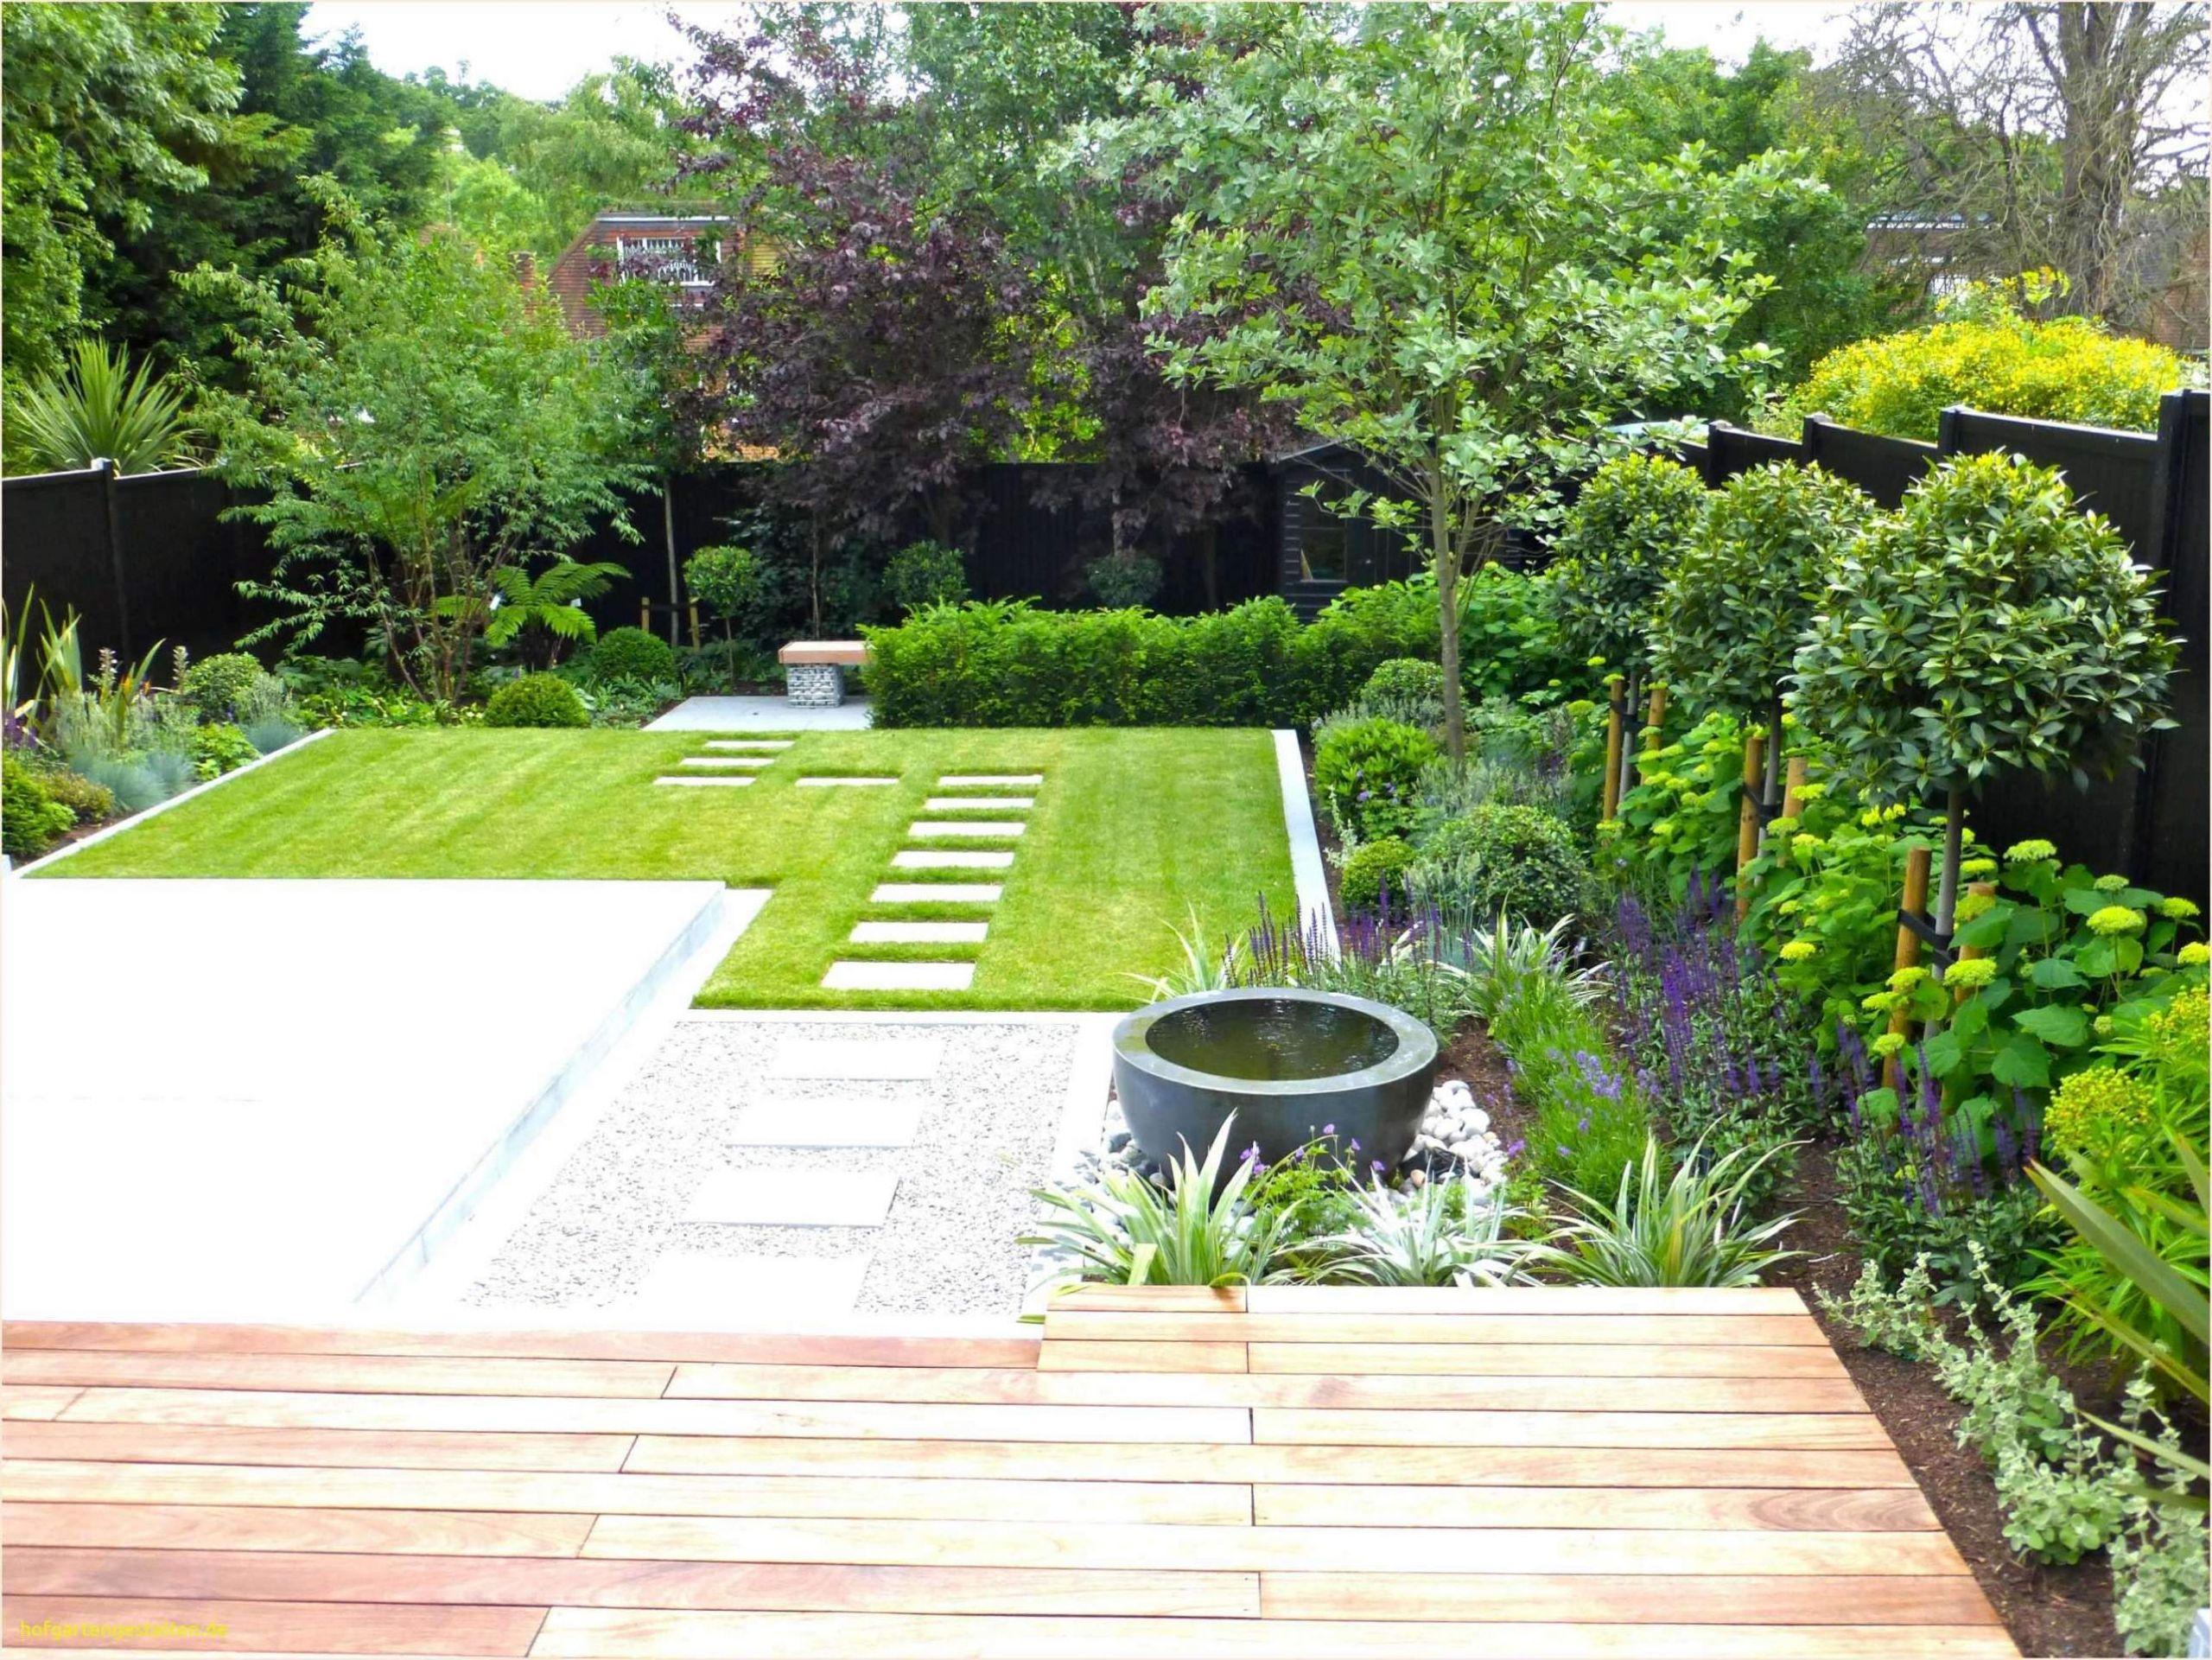 Garten- Und Landschaftsbau Wiesbaden Inspirierend Garten Und Landschaftsarchitekt — Temobardz Home Blog